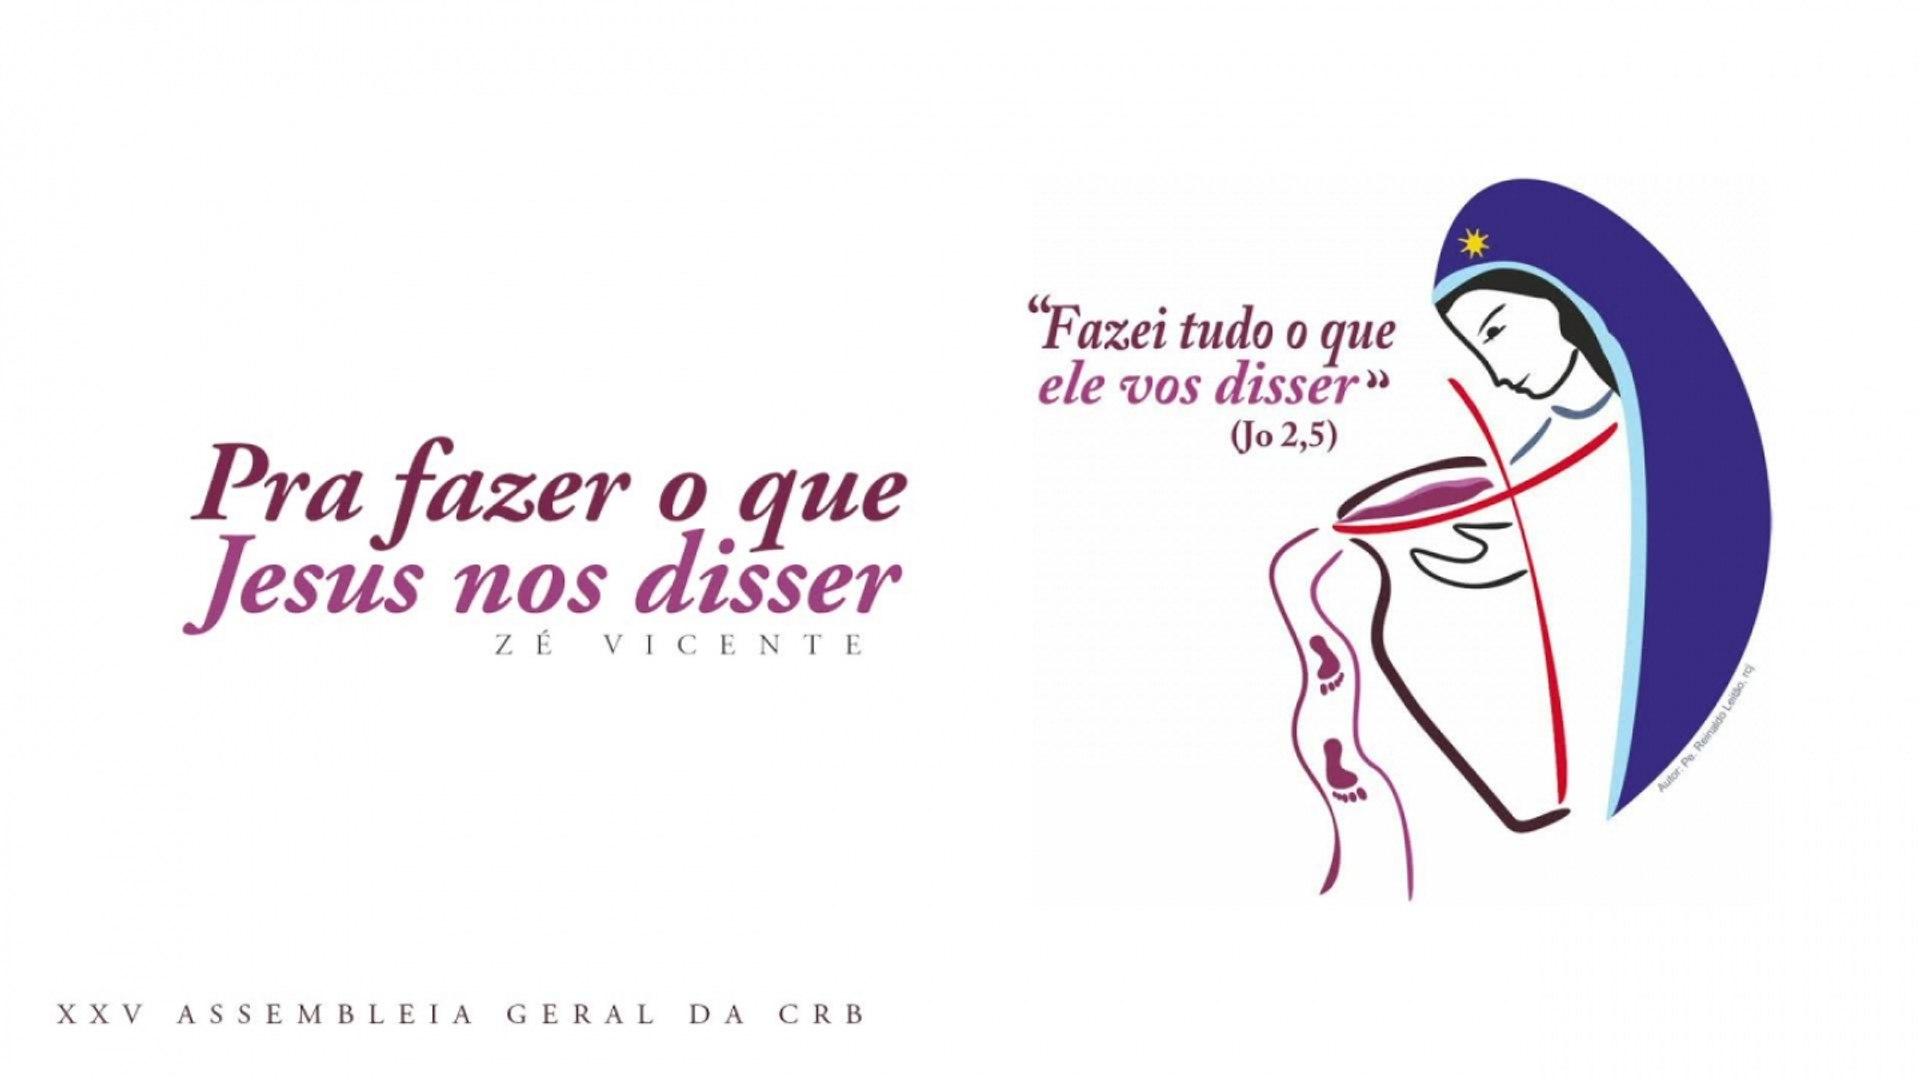 Zé Vicente - Pra fazer o que Jesus nos disser - (Hino AGE CRB 2019 - Lyric Vídeo)